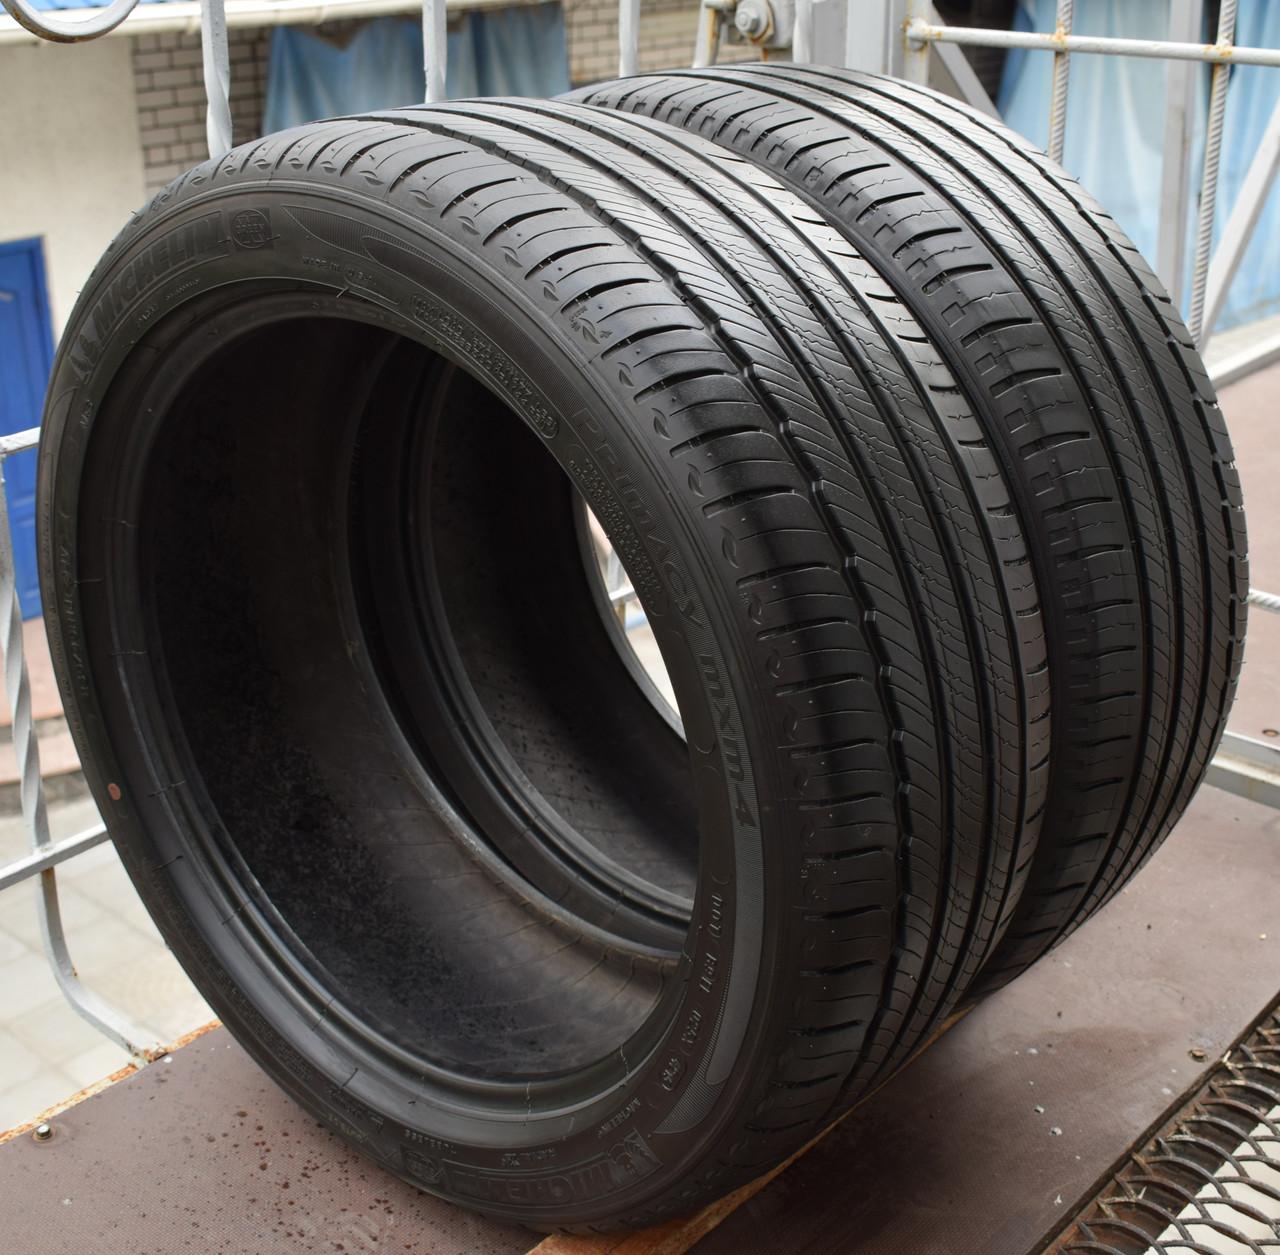 Шины б/у 235/45 R18 Michelin Primacy MXM4, 5-5.5 мм, 2015 г., пара